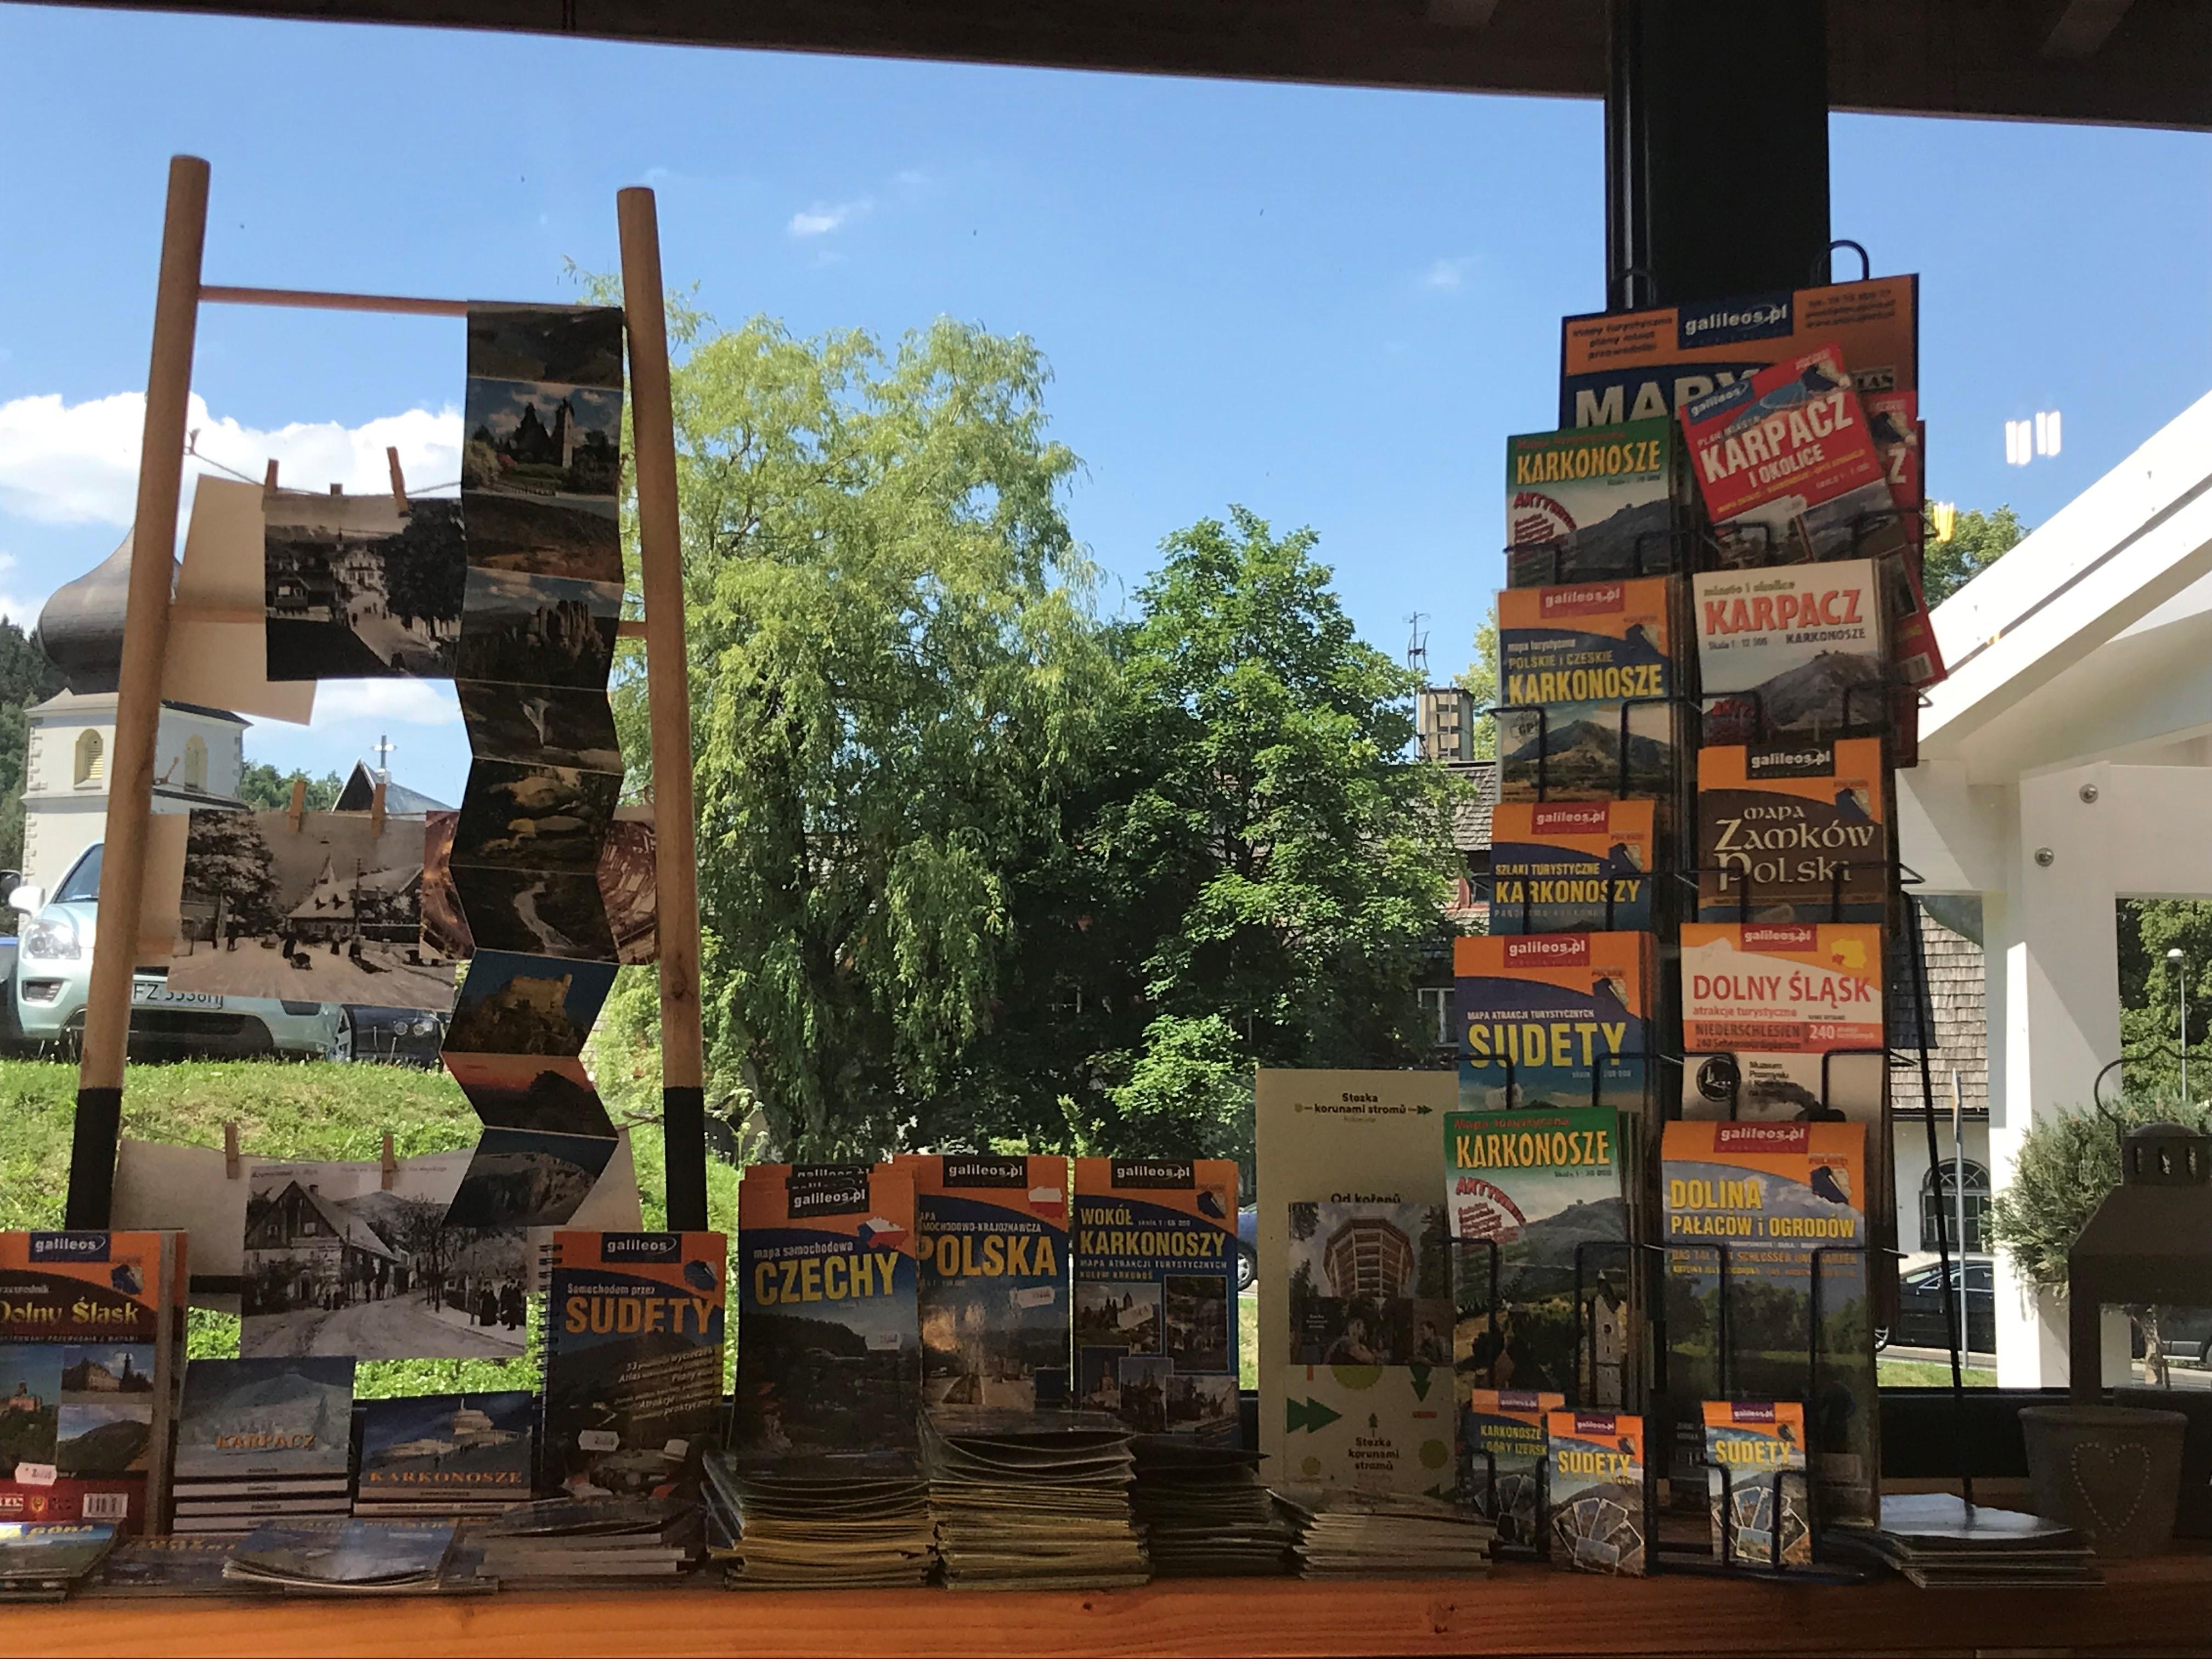 biuro turystyczne w karpaczu mapy i ulotki